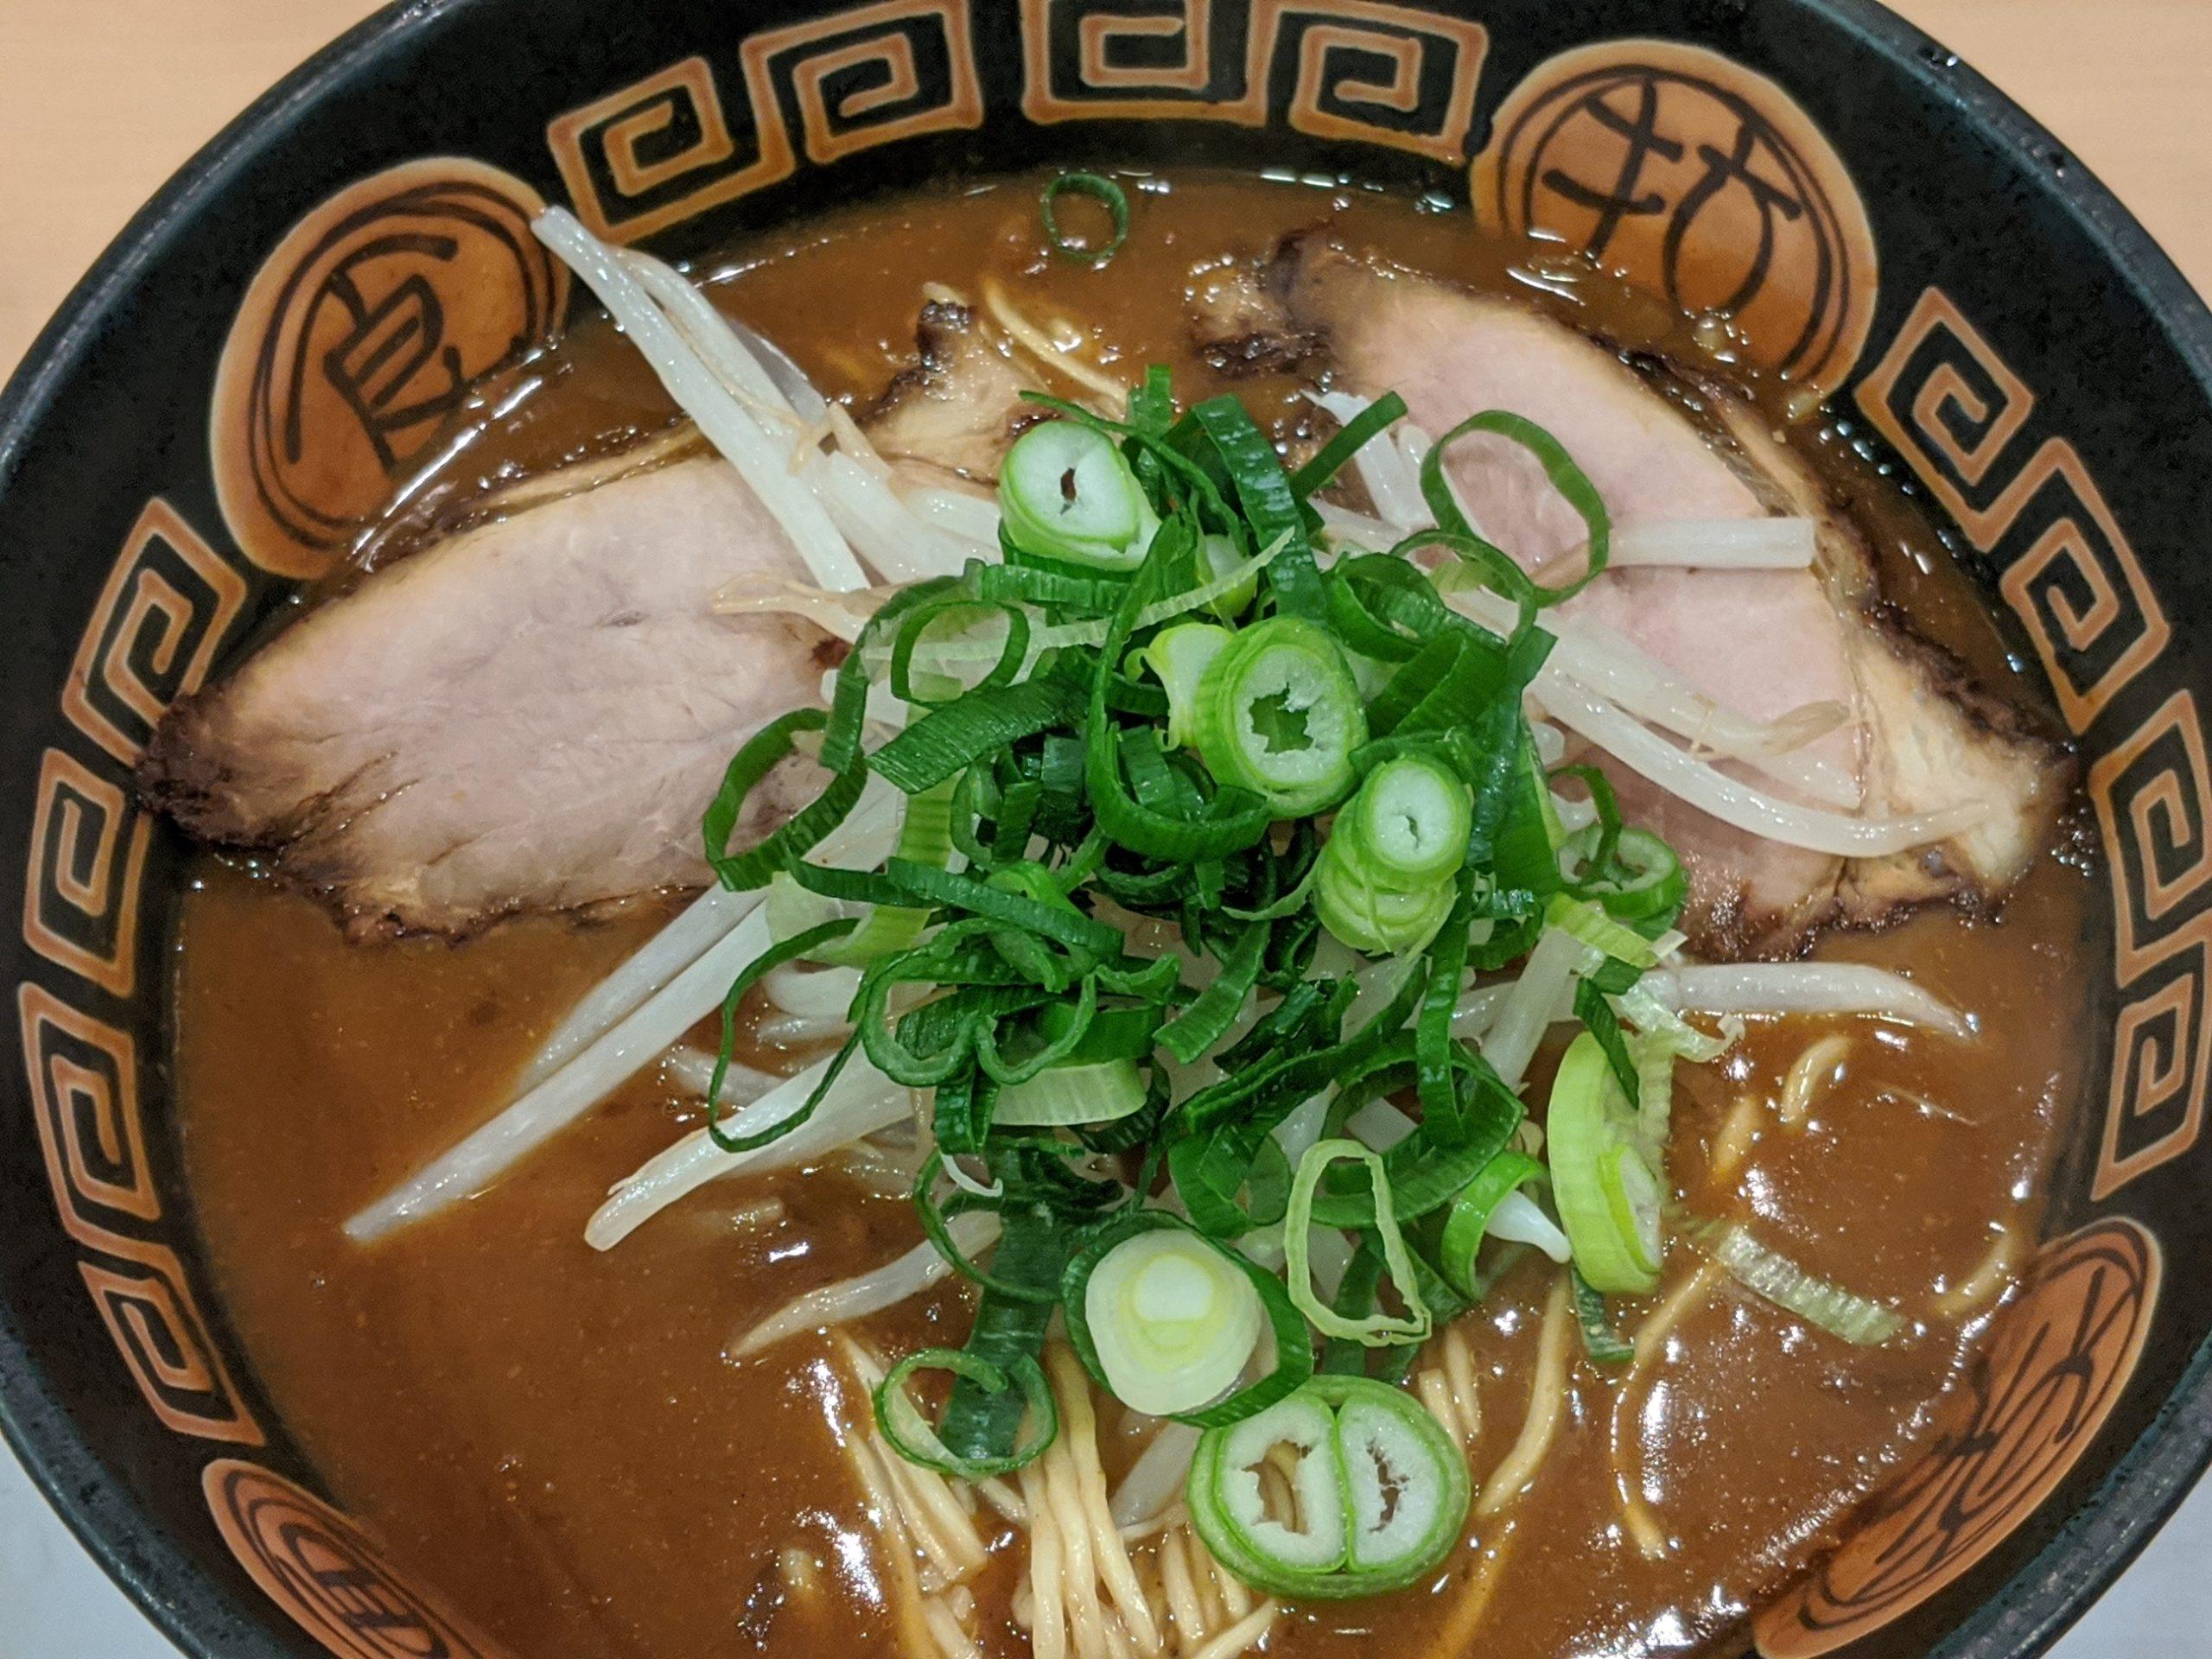 カレースープはずっと飲める味だからこそ、思わずご飯を追加